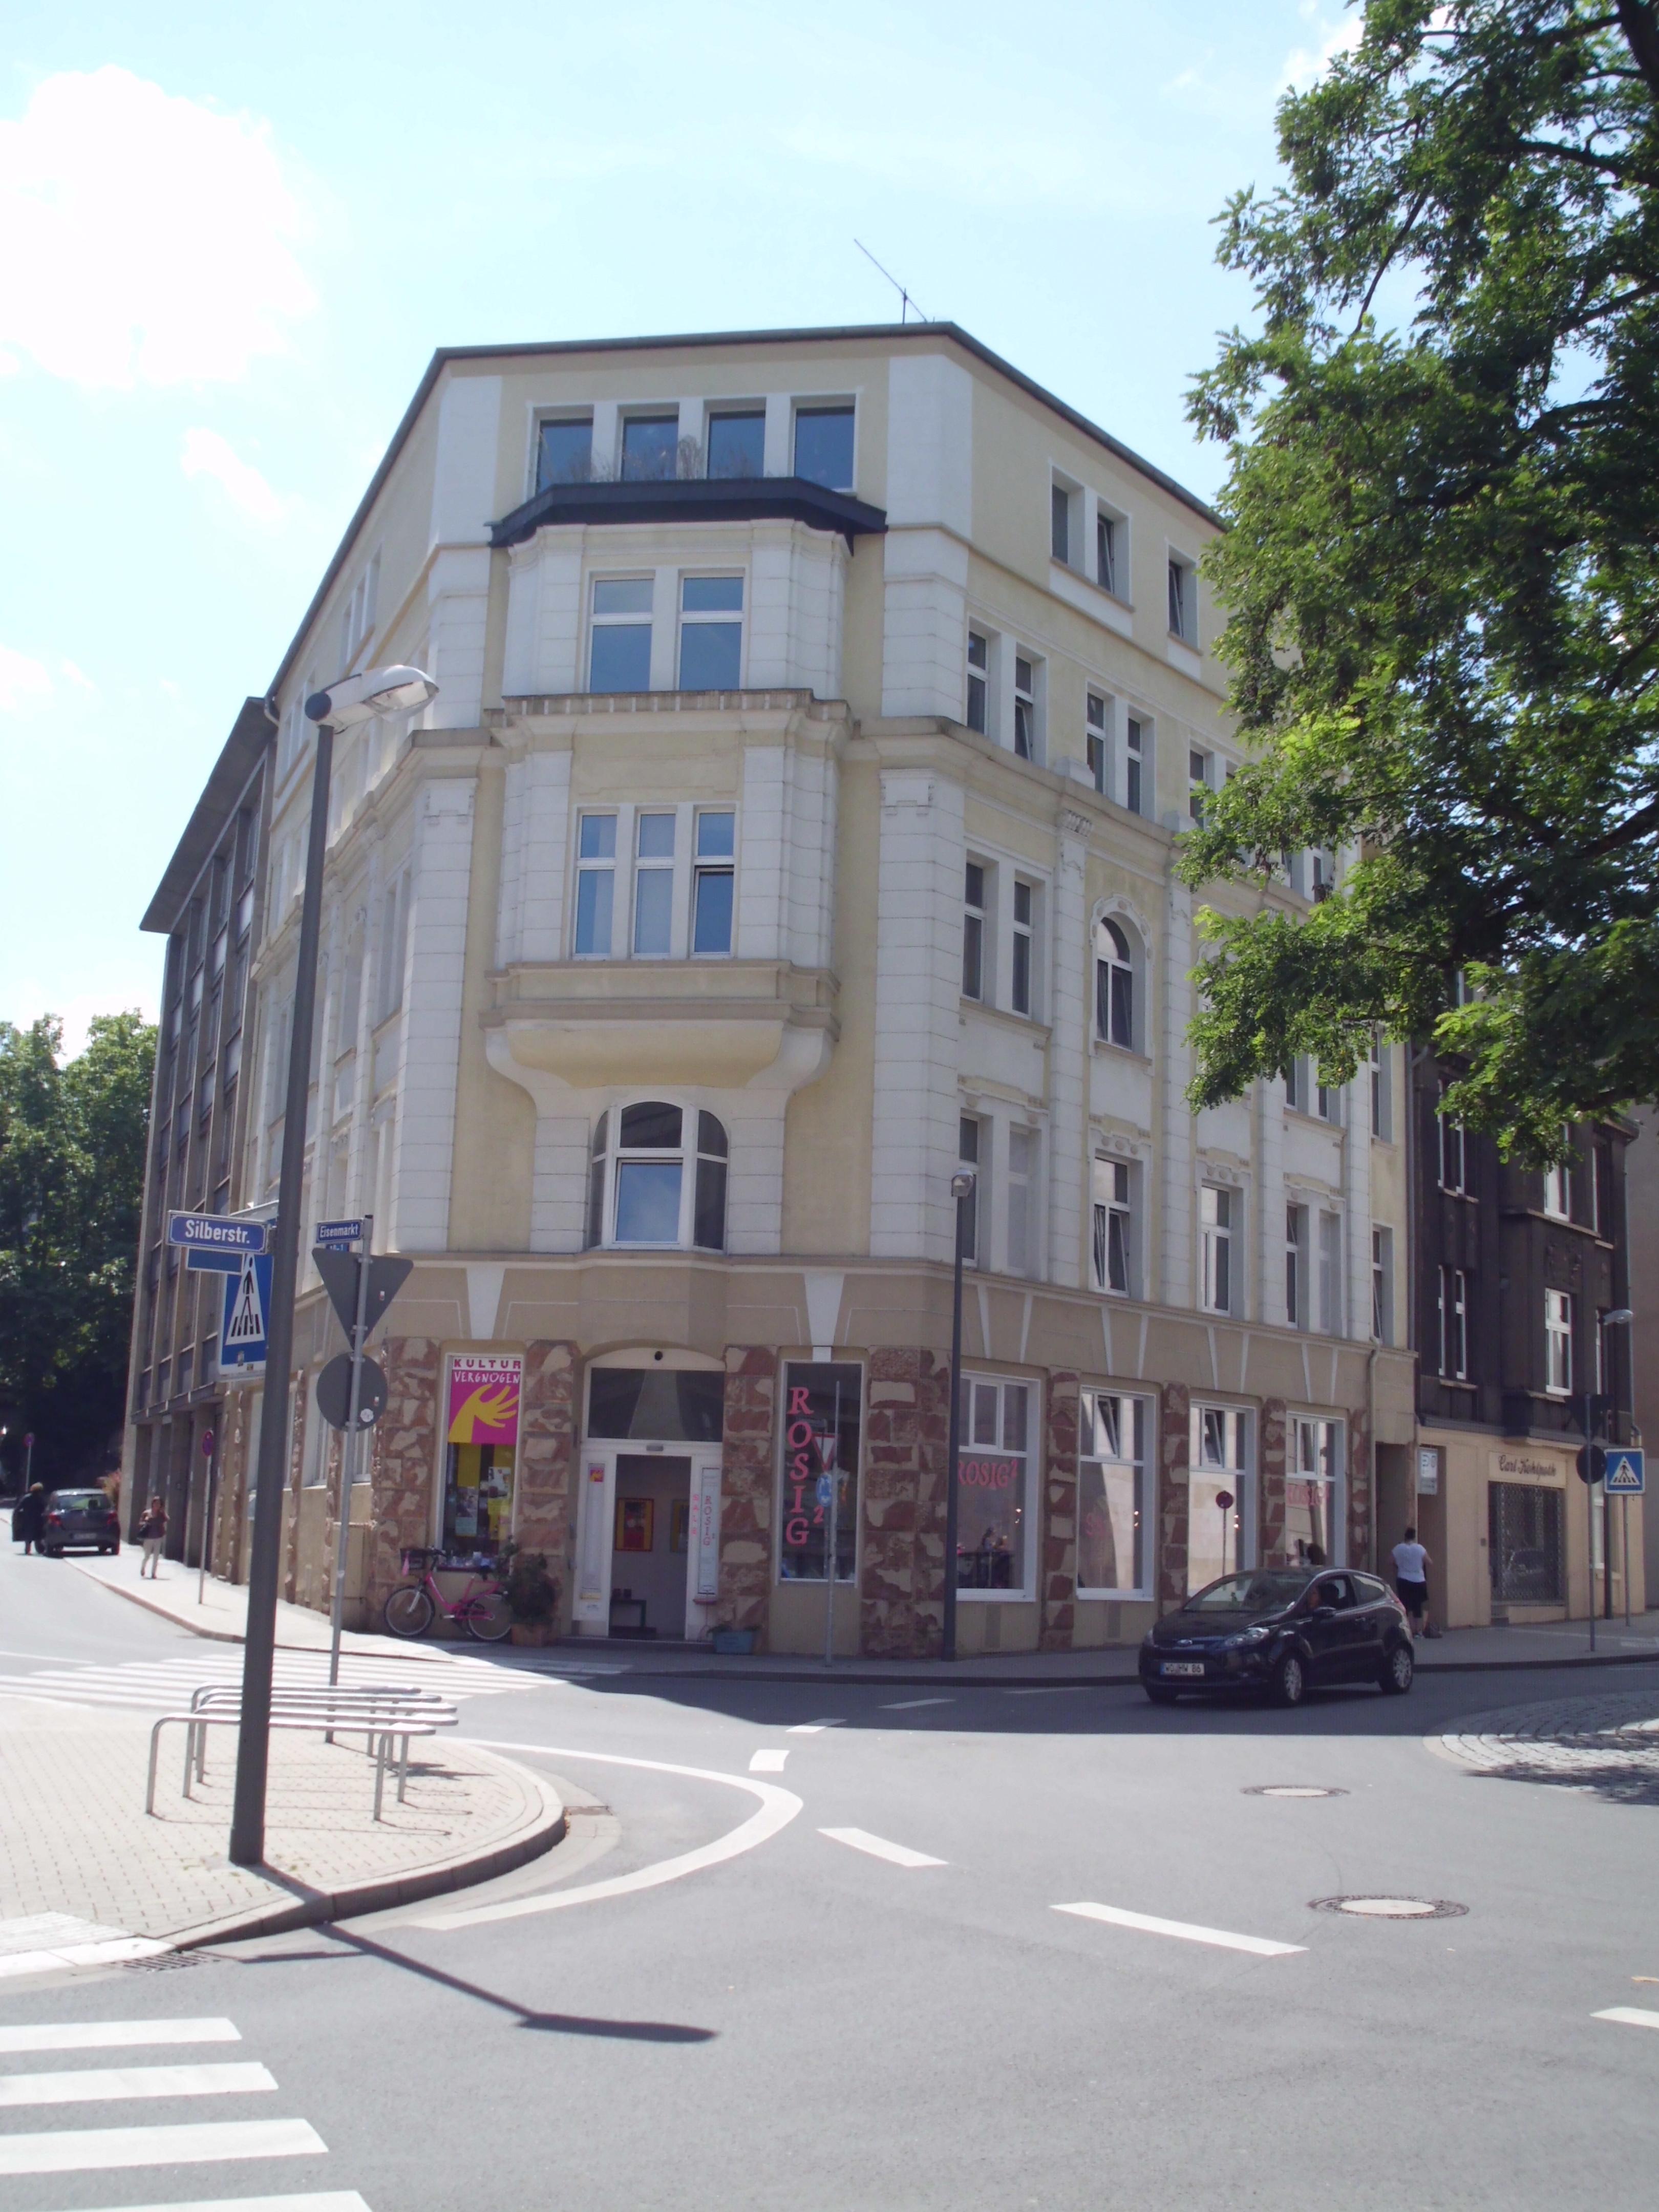 Rosig Dortmund